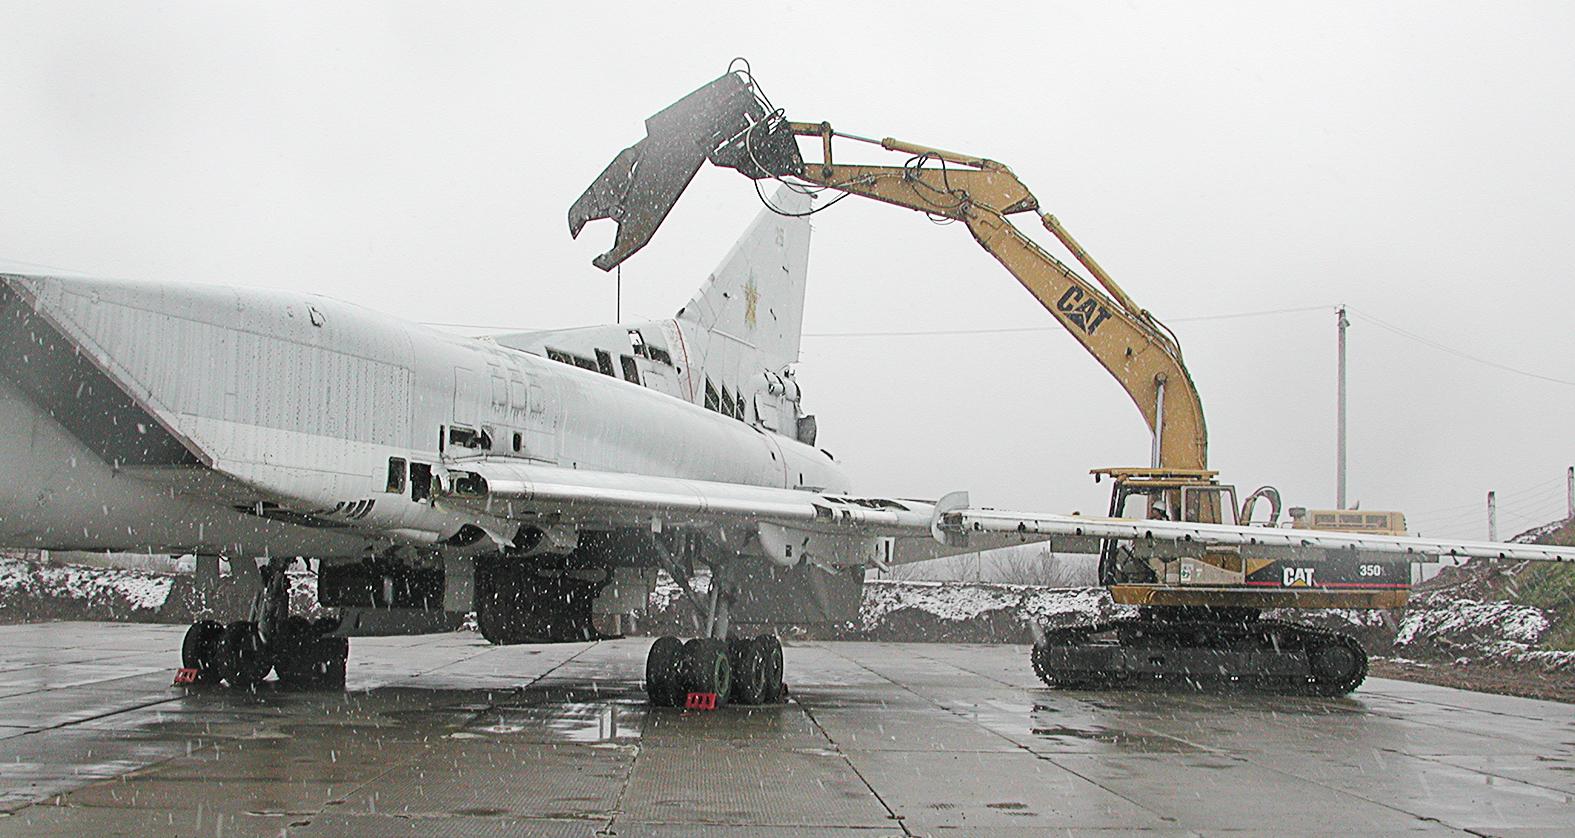 Tu-22M3 bombázó szétdarabolása 2002 novemberében #moszkvater